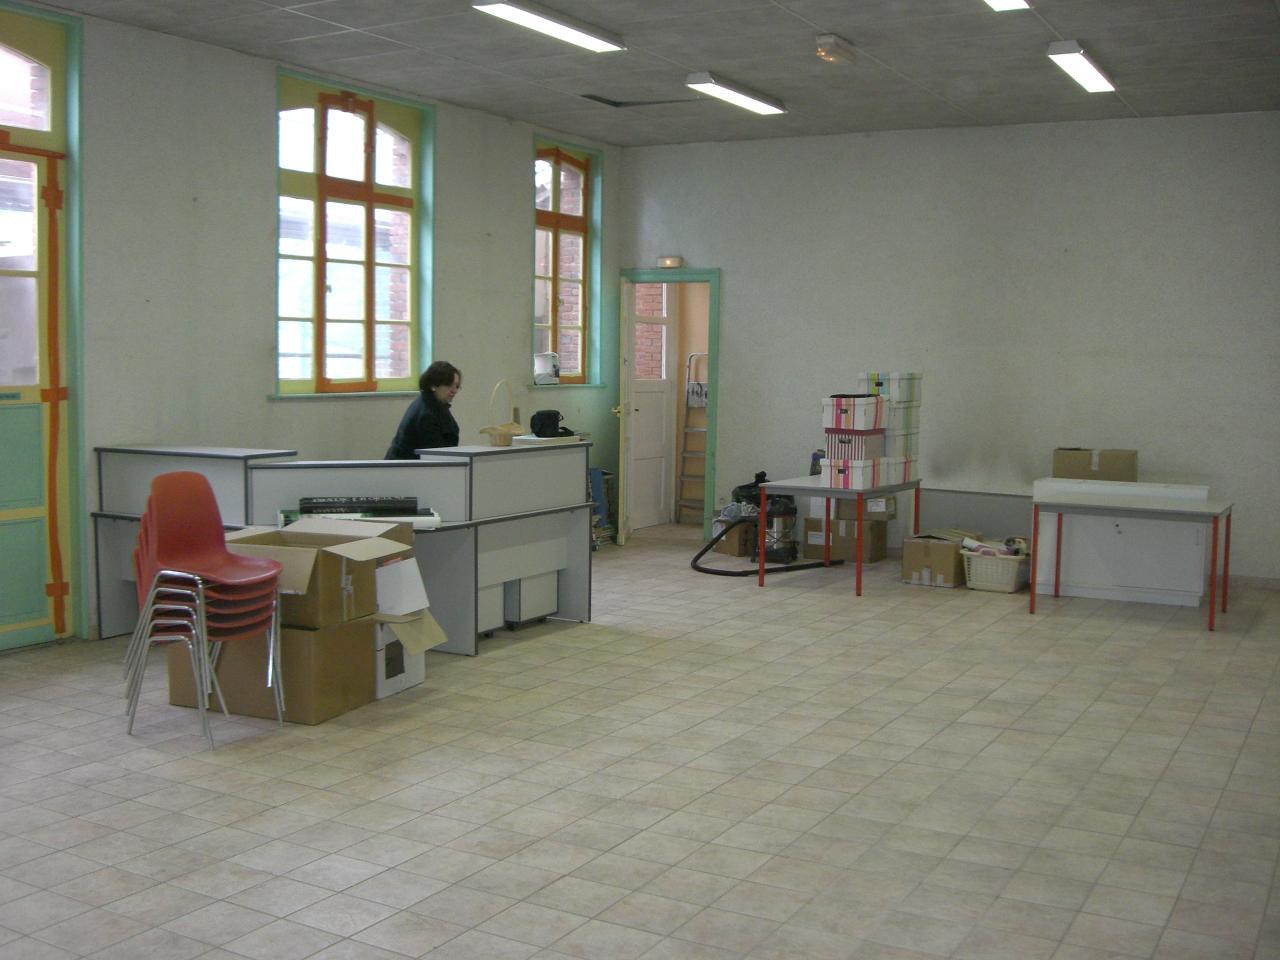 2009.03 le 26 bibliothèque vide + Marlières 010